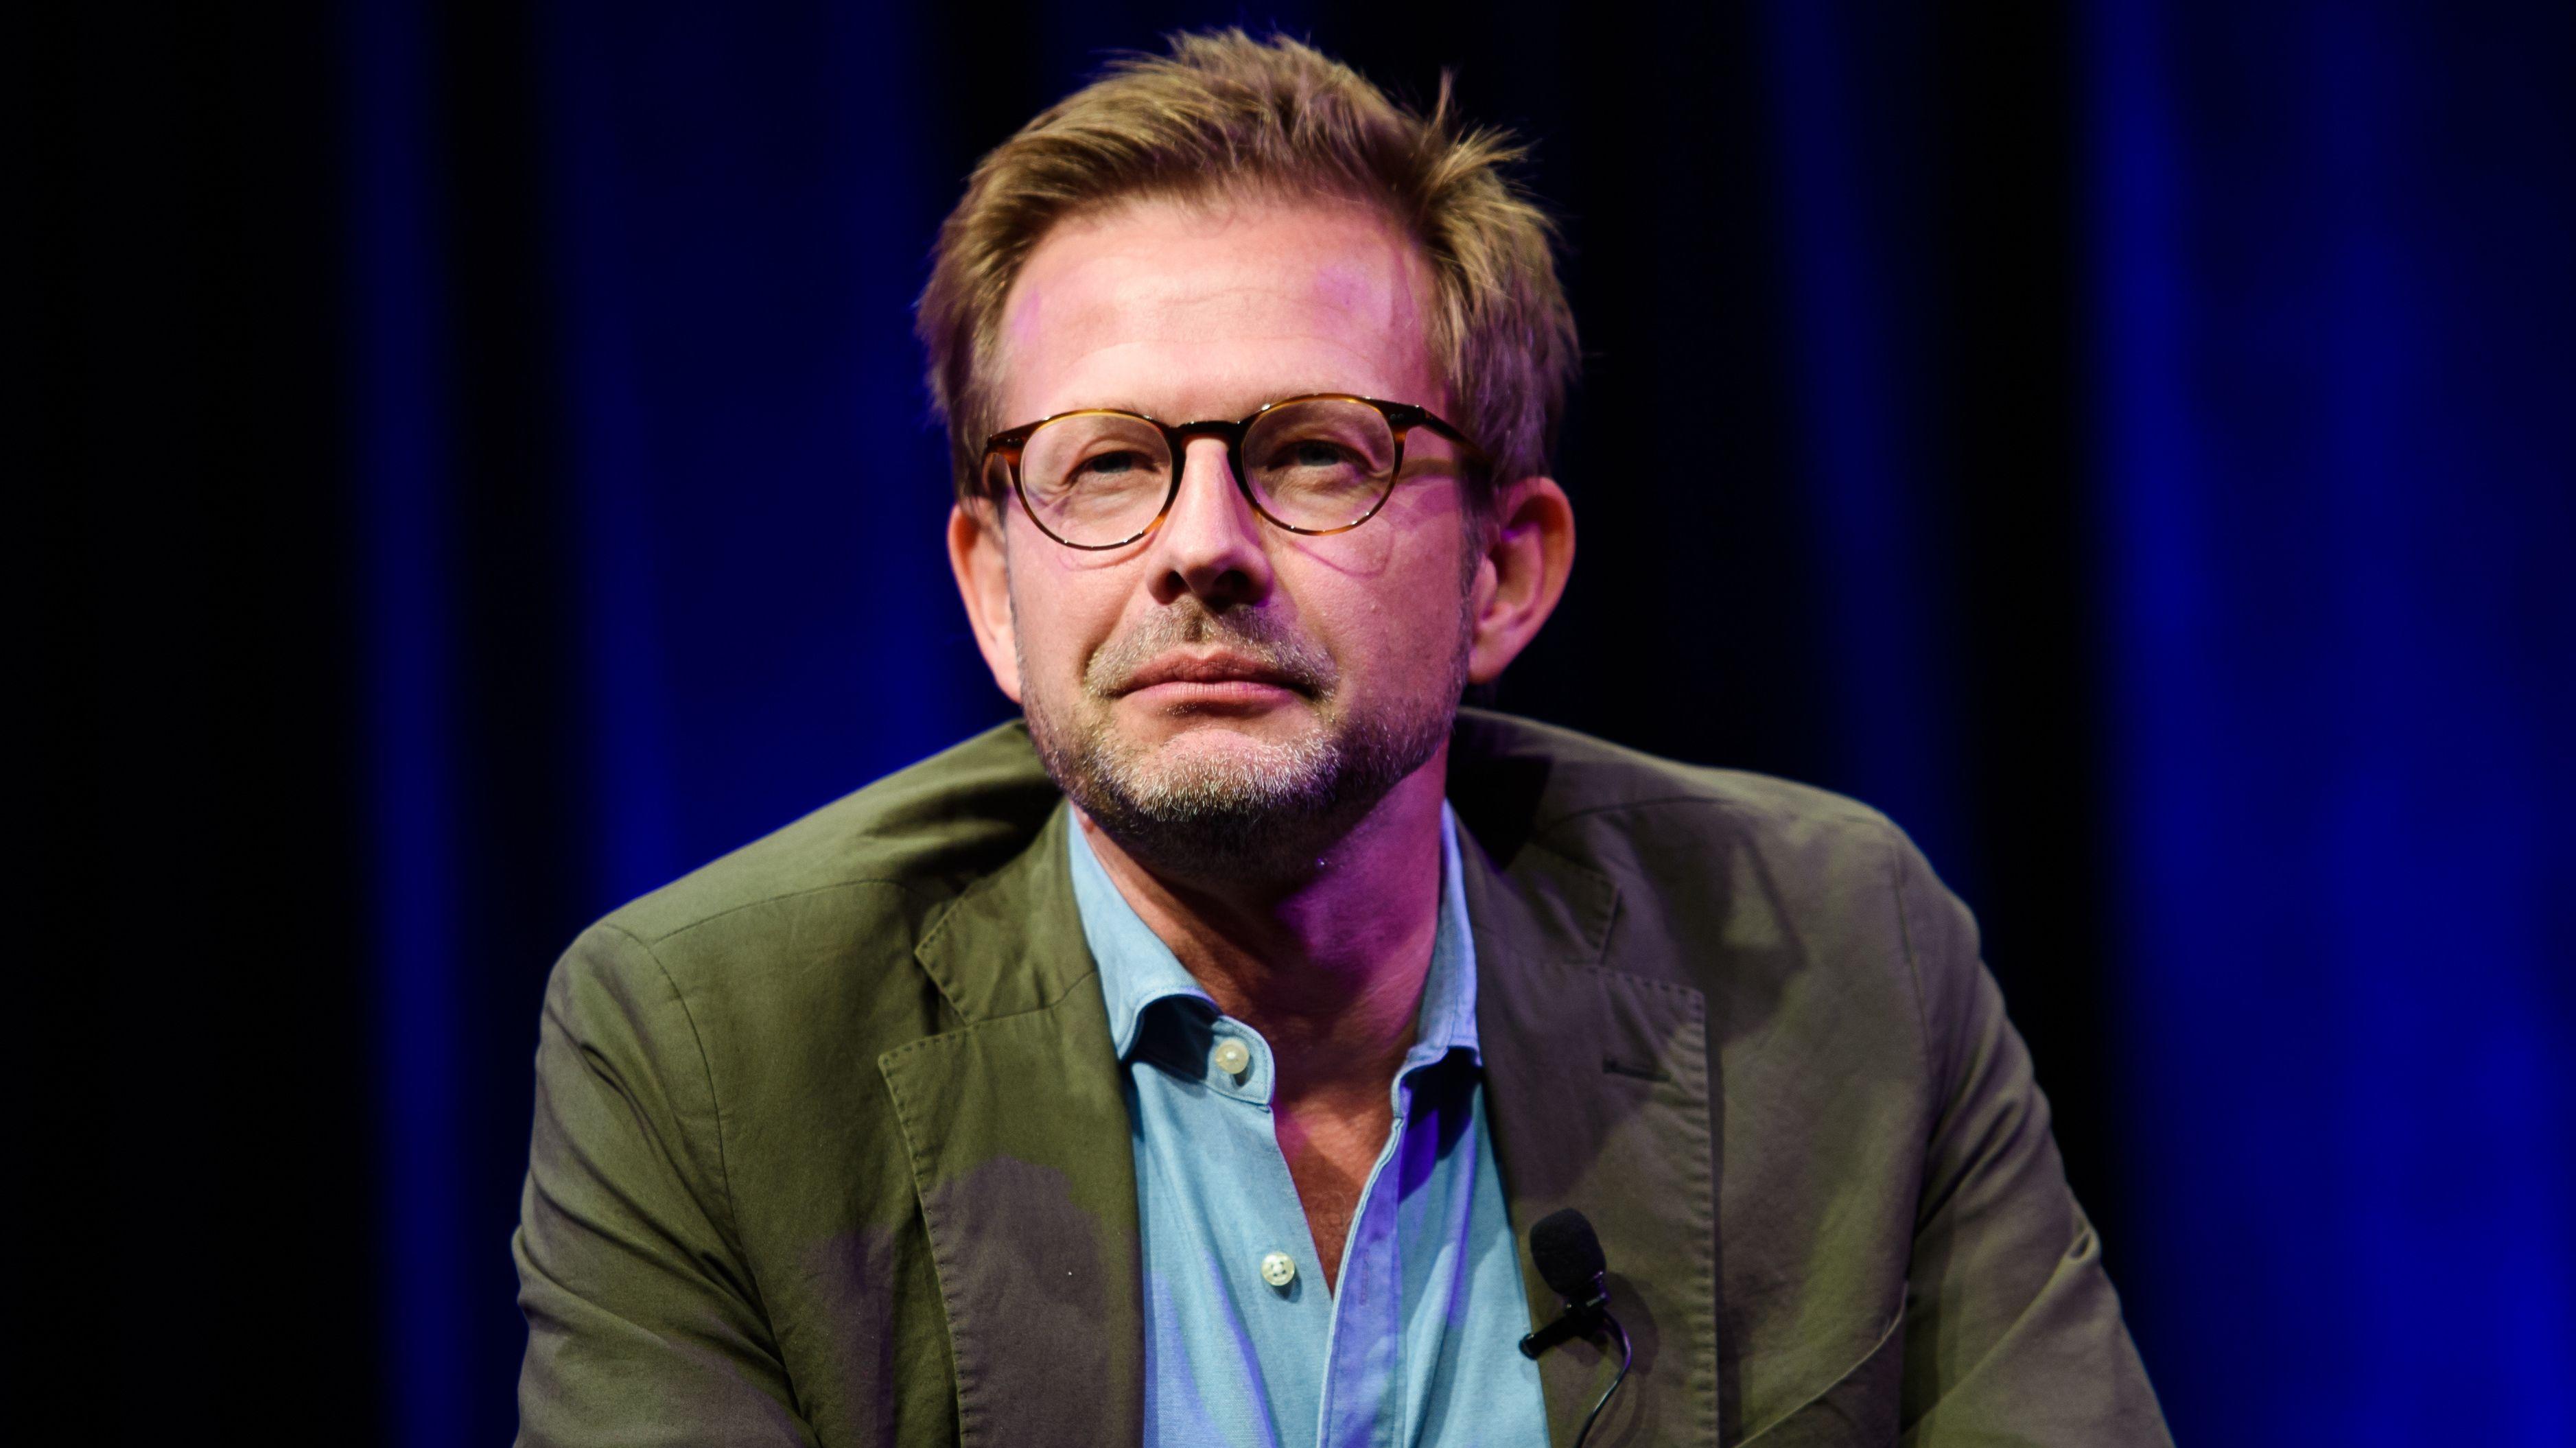 Florian Illies sitzt vor einem nachtblauen Vorhang und blickt mit zusammengekniffenen Augen in die Ferne